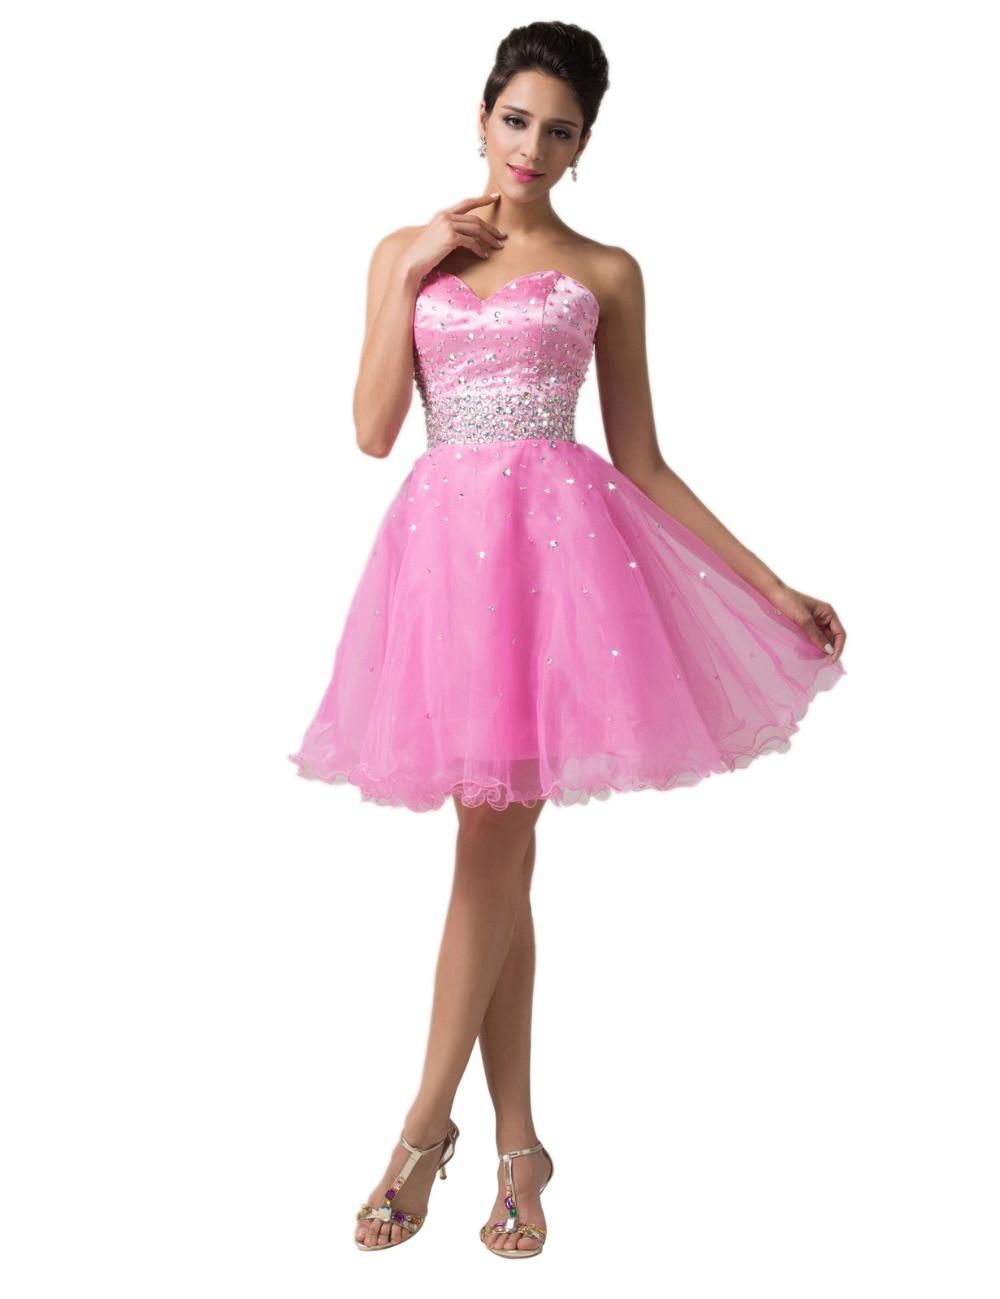 Increíble Cocktail Dresses For Less Friso - Ideas de Estilos de ...